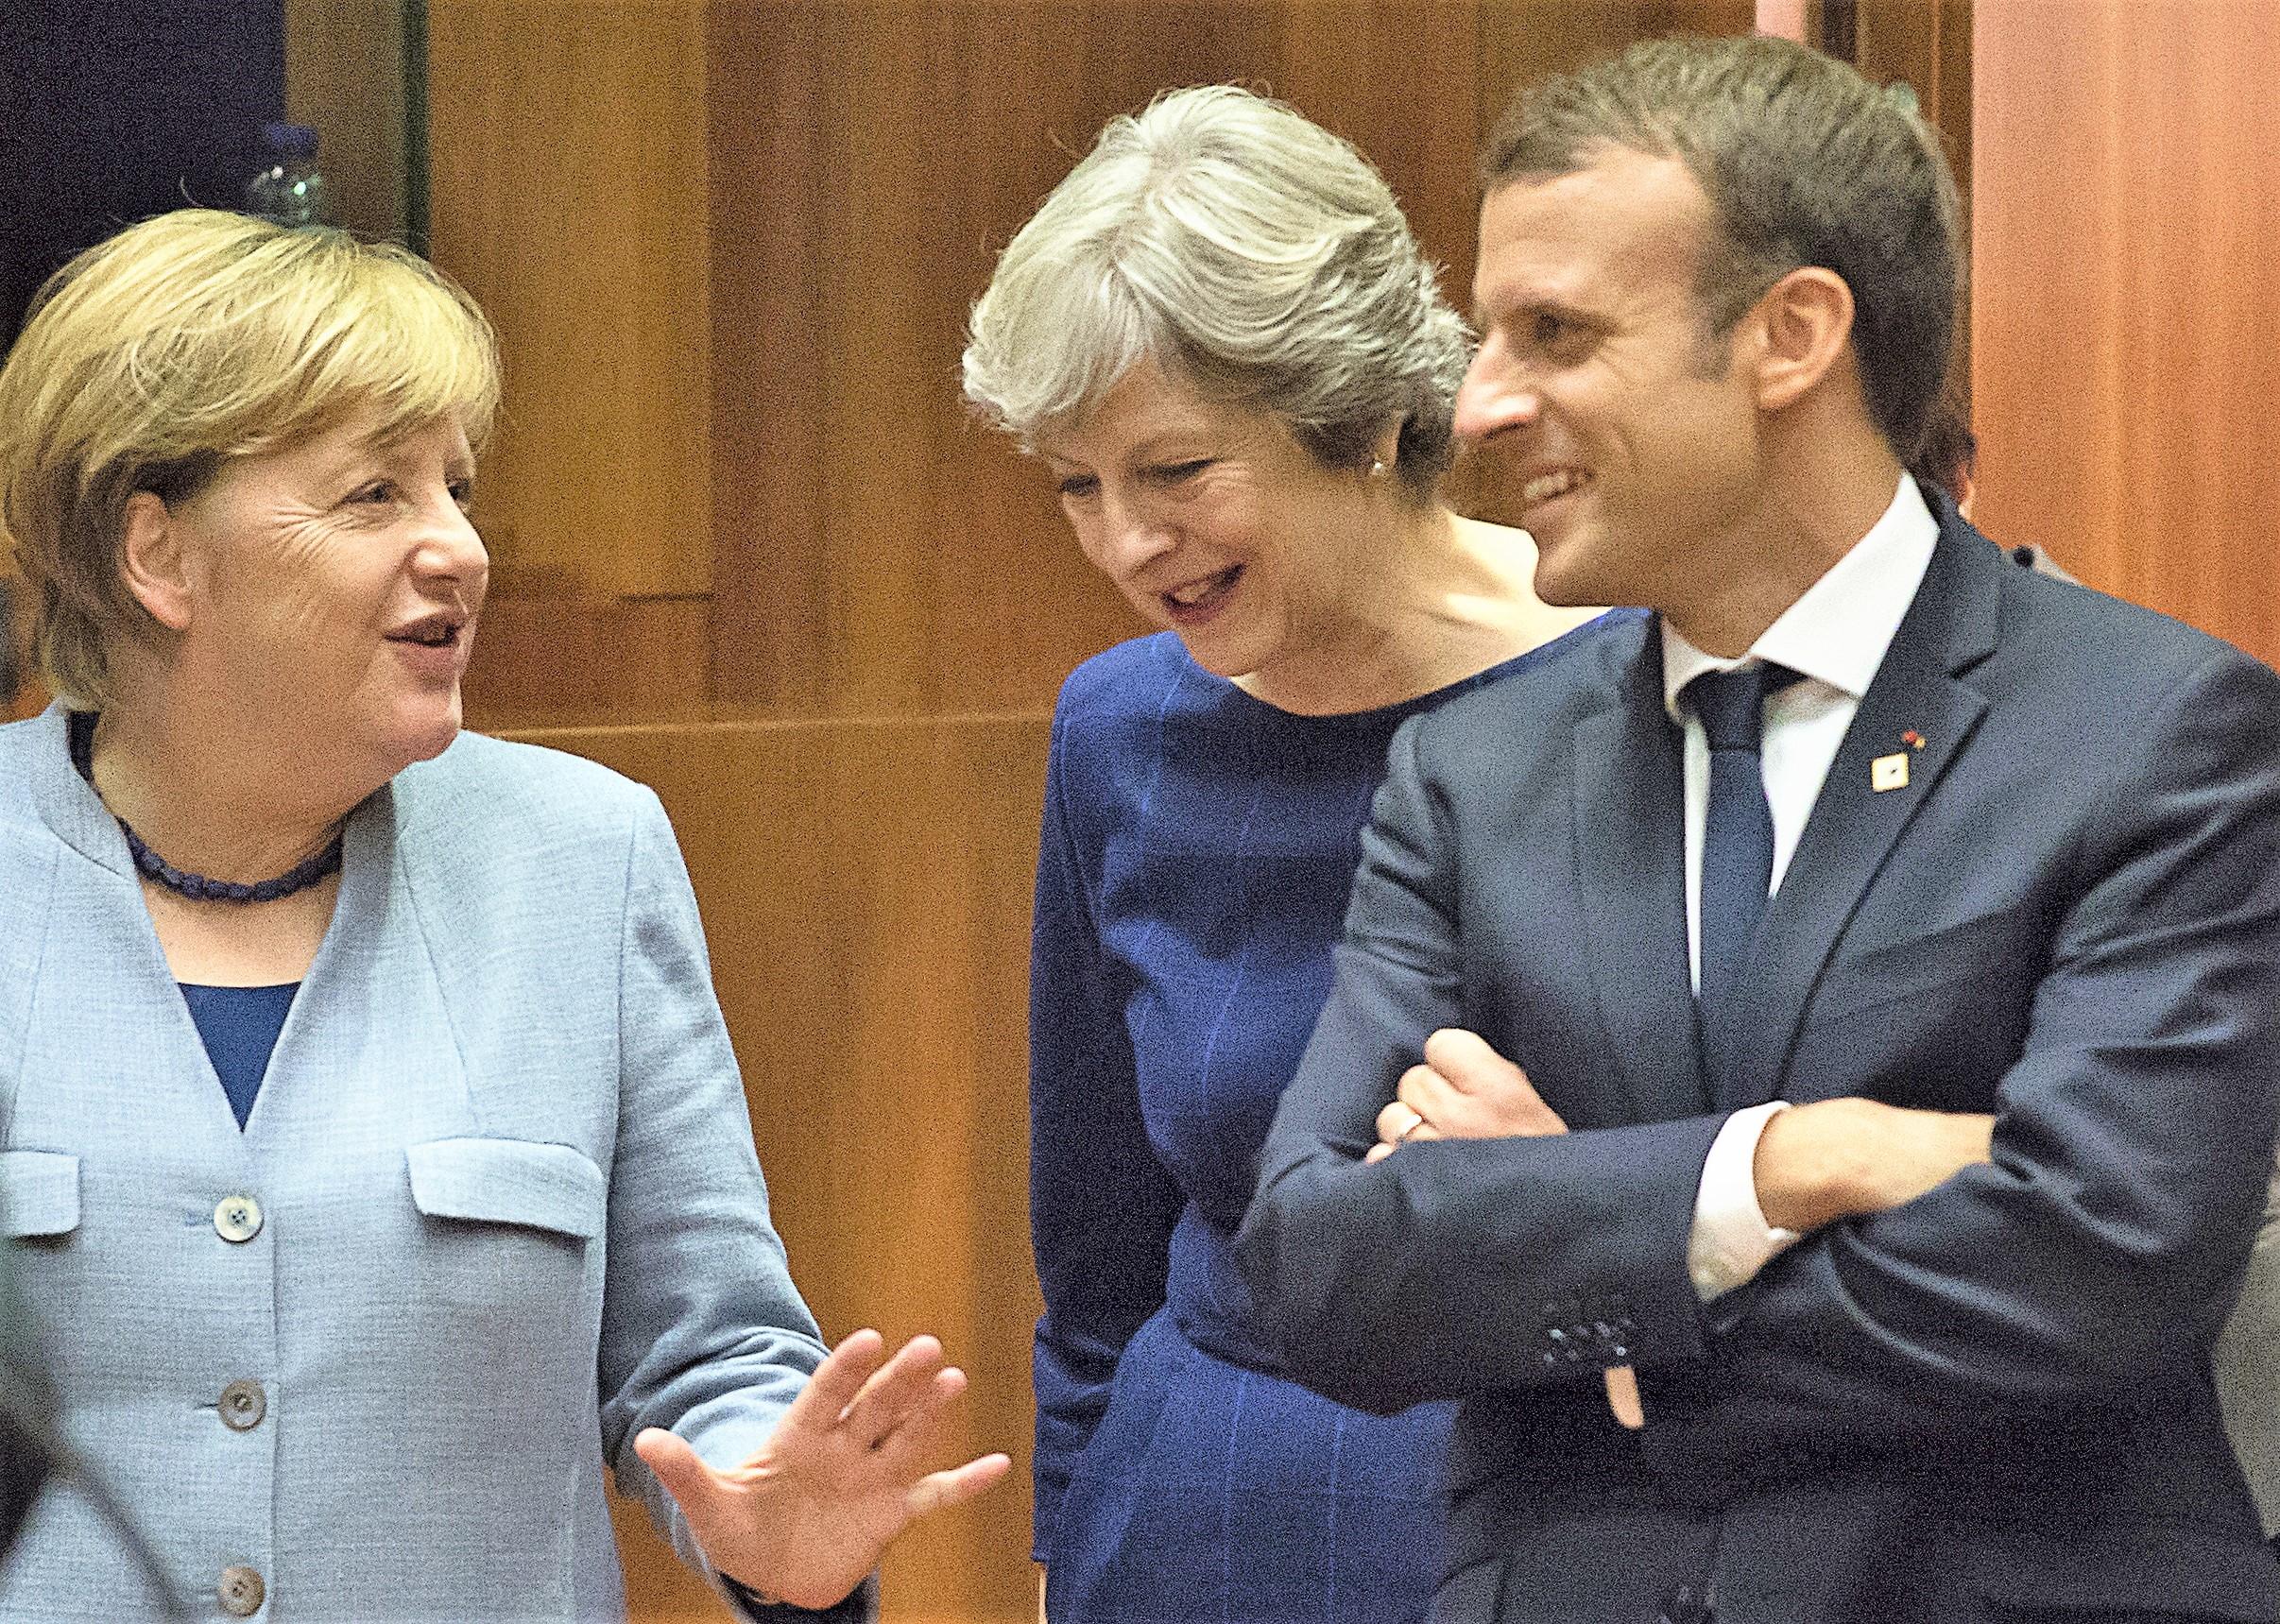 Gran Bretagna con un piede fuori dall'Ue, ora tocca al parlamento britannico